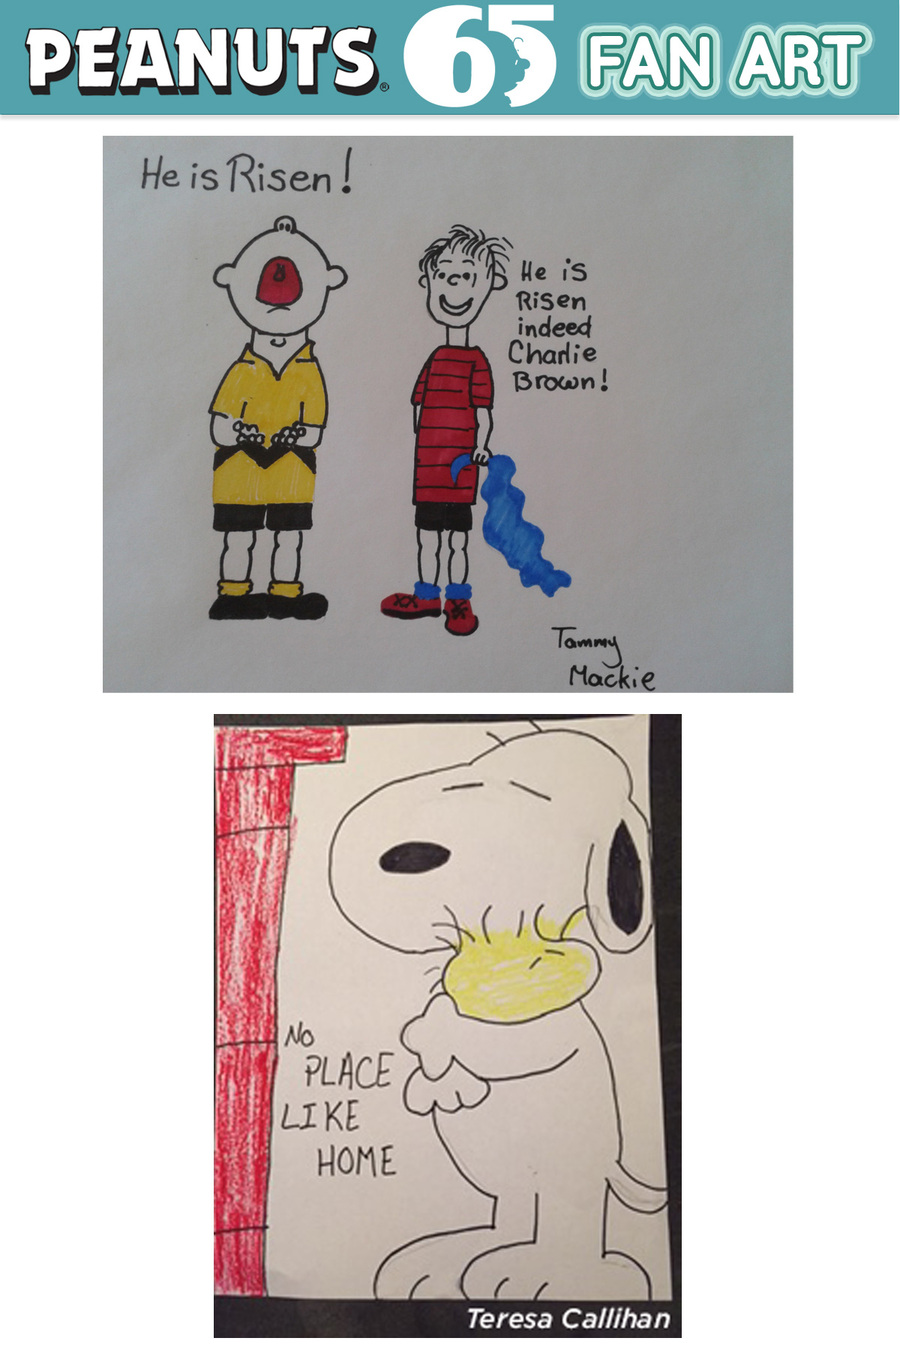 GoComics Fan Art by The Fans! for Oct 29, 2015